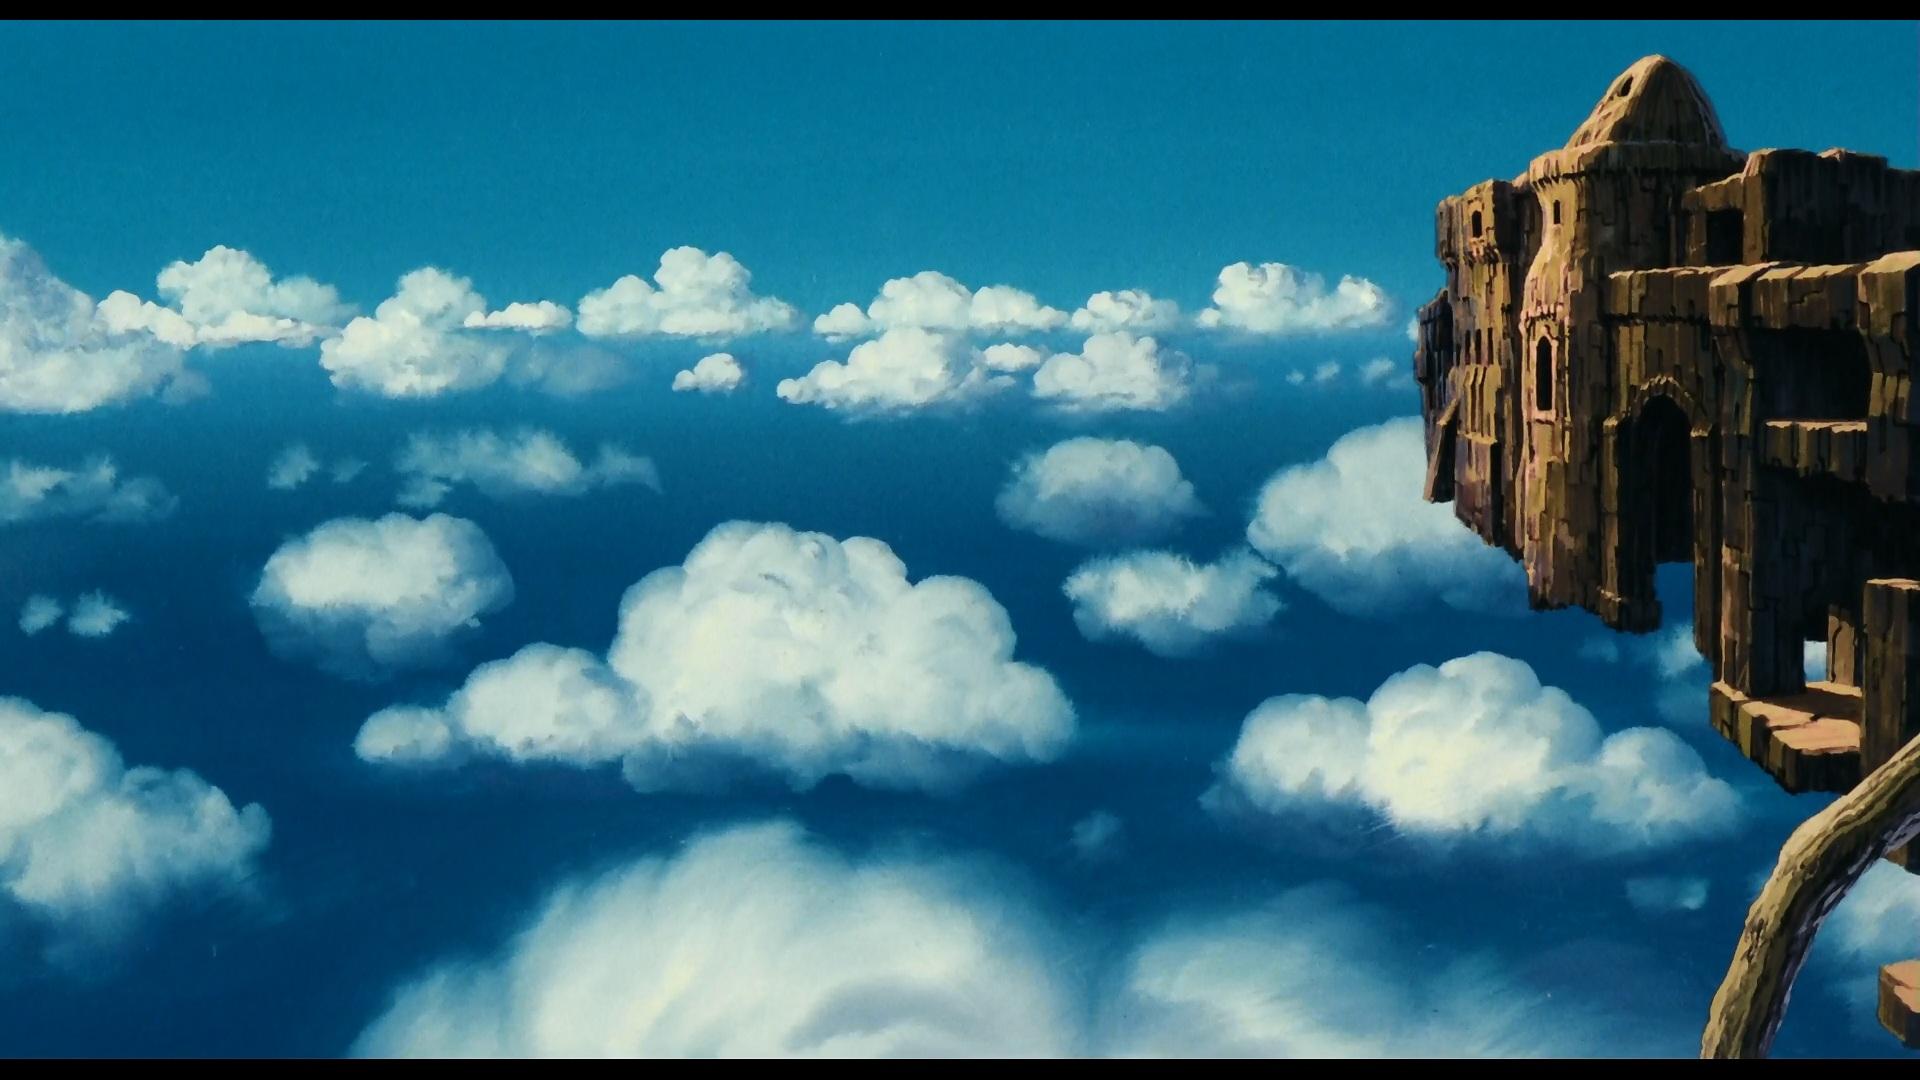 Minecraft Wallpaper Hd 1920x1080 天空之城 高清壁纸 桌面背景 1920x1080 Id 690638 Wallpaper Abyss